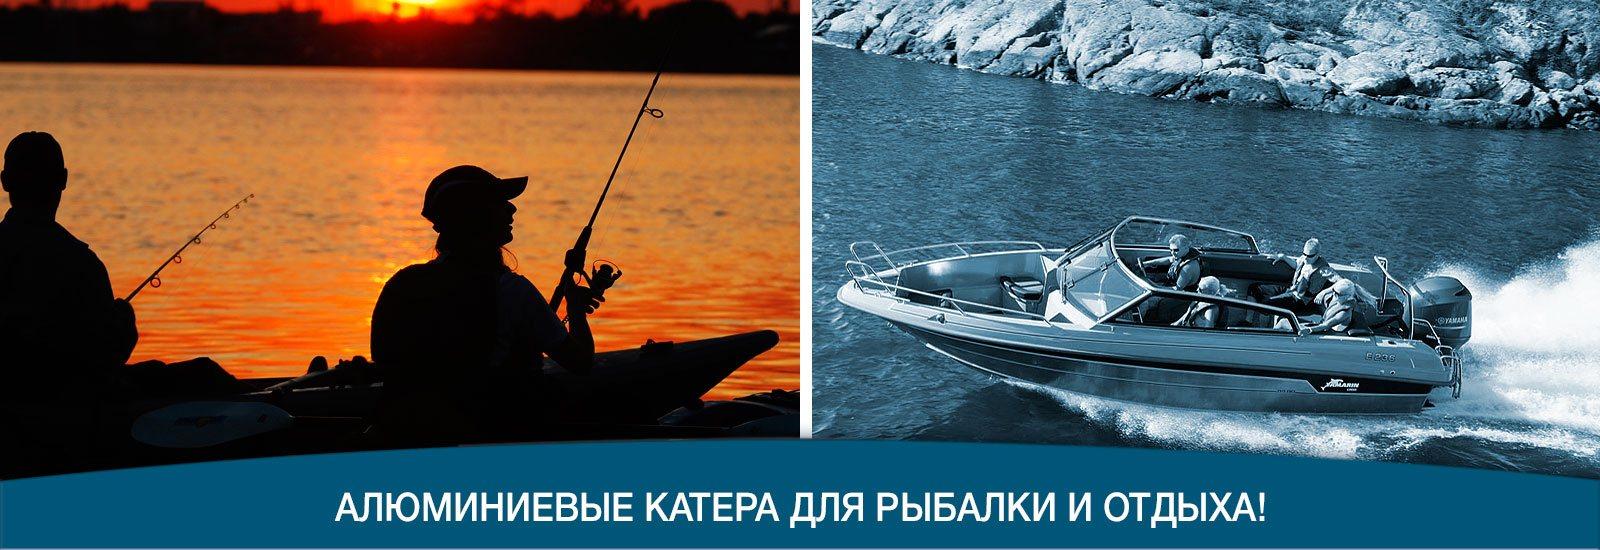 Алюминиевые катера для рыбалки и отдыха